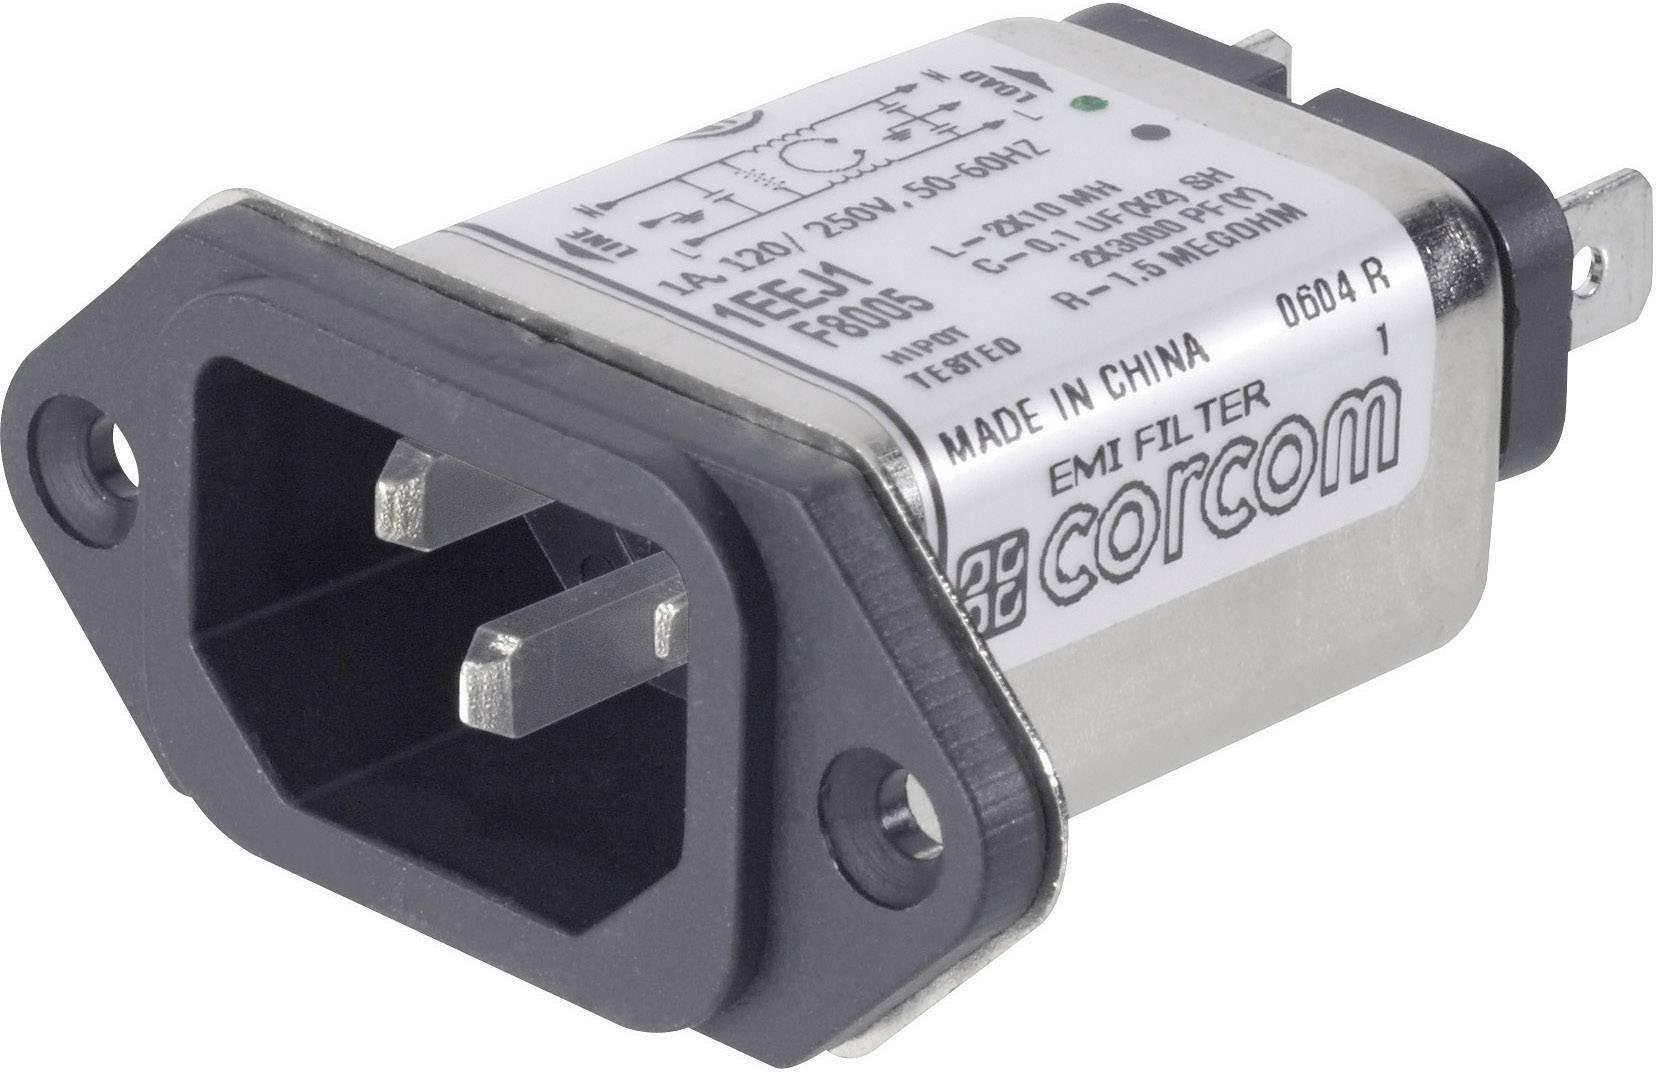 Sieťový filter TE Connectivity 1-6609006-7 1-6609006-7, s IEC zásuvkou, 250 V/AC, 10 A, 0.086 mH, 1 ks